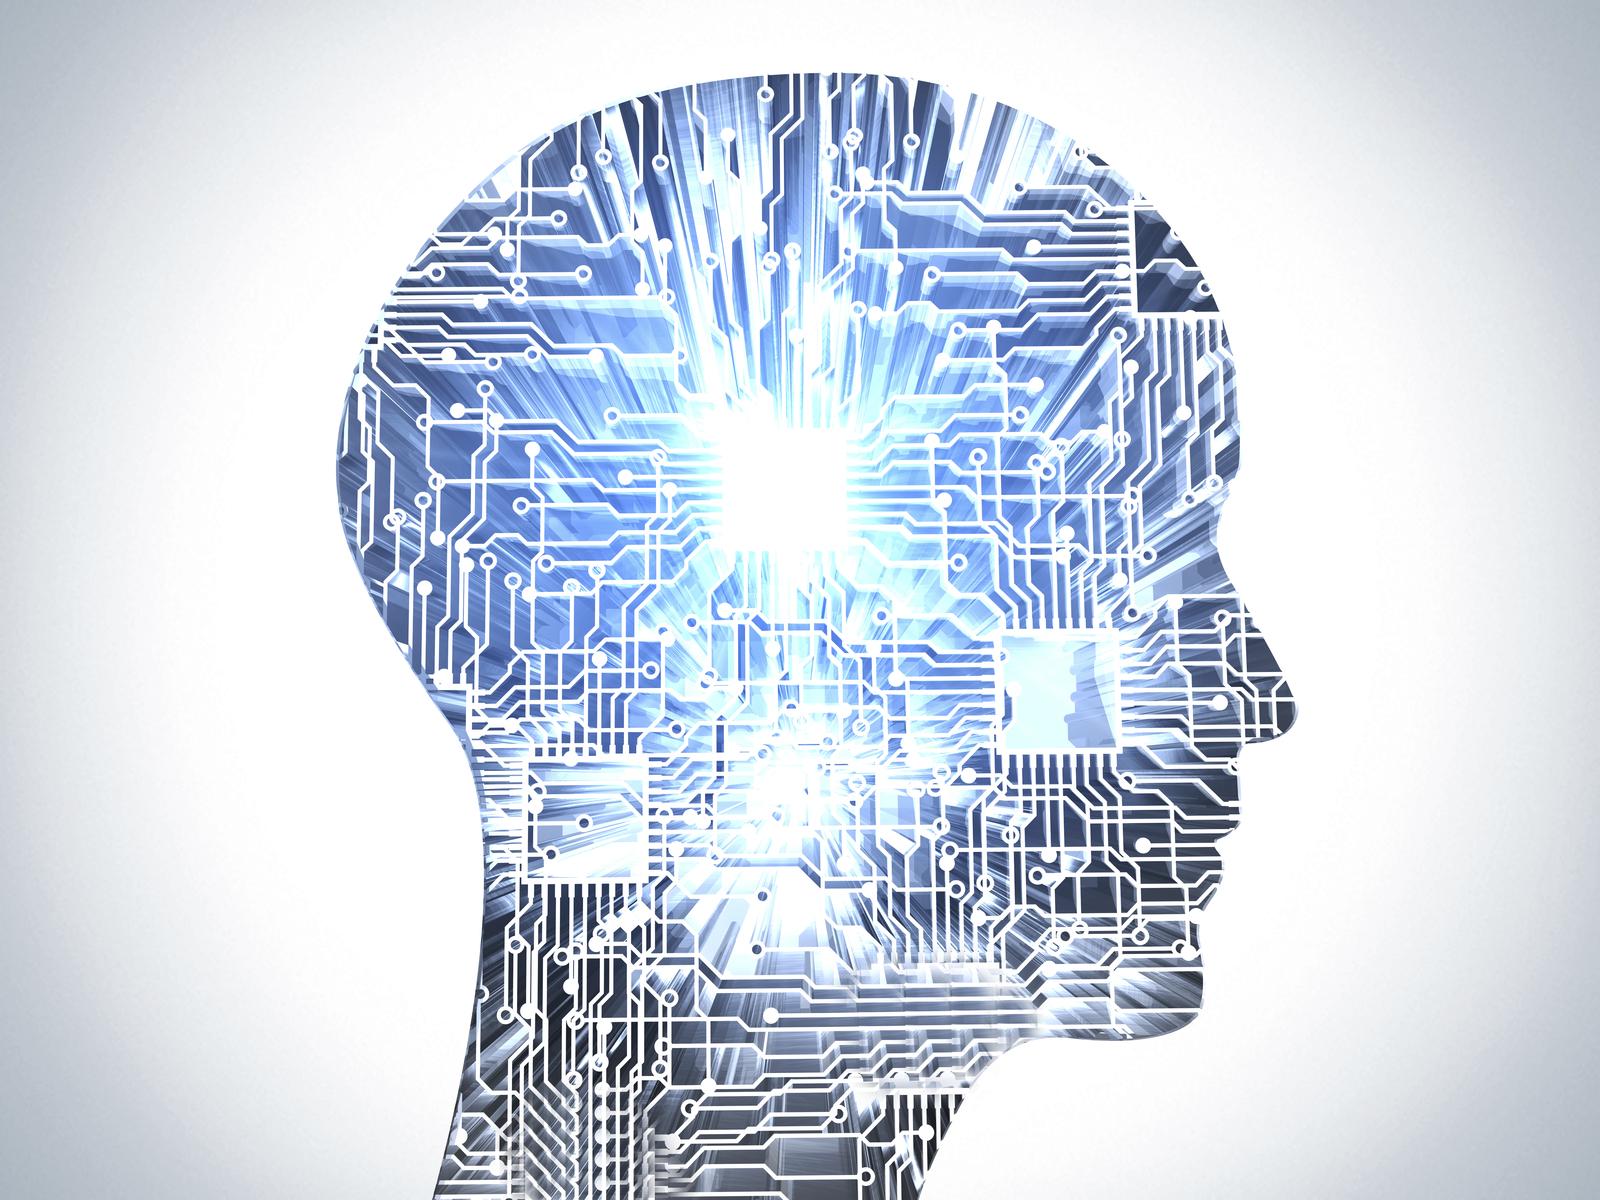 An artificial brain